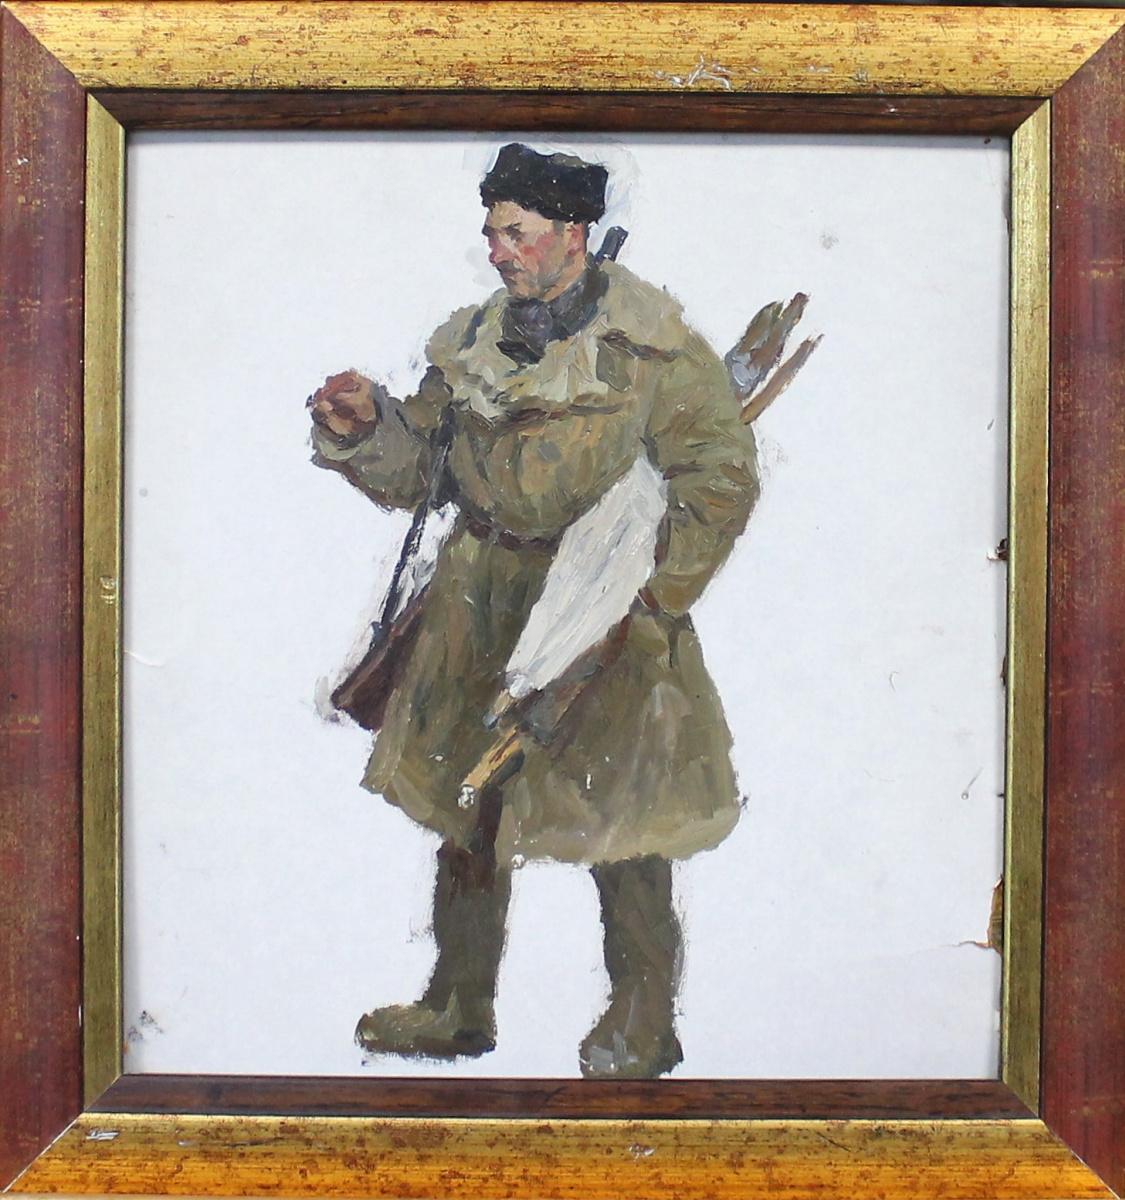 Orest Georgievich Betekhtin. Man with a gun